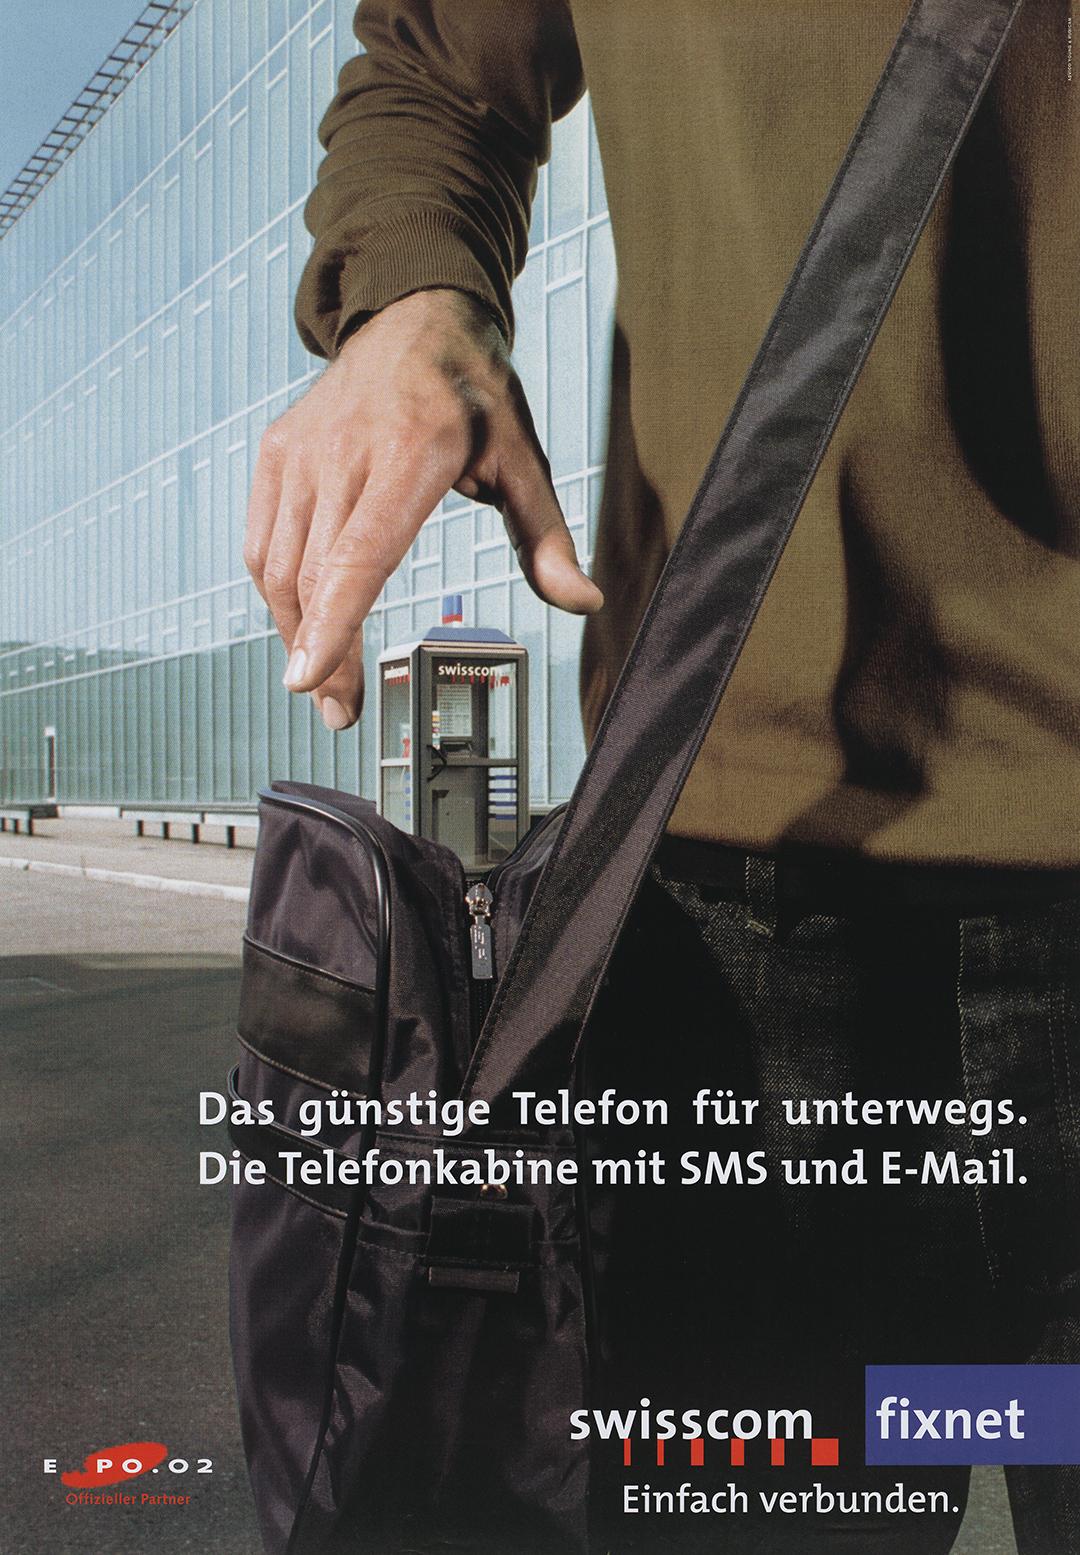 Werbung der Swisscom aus dem Jahr 2002